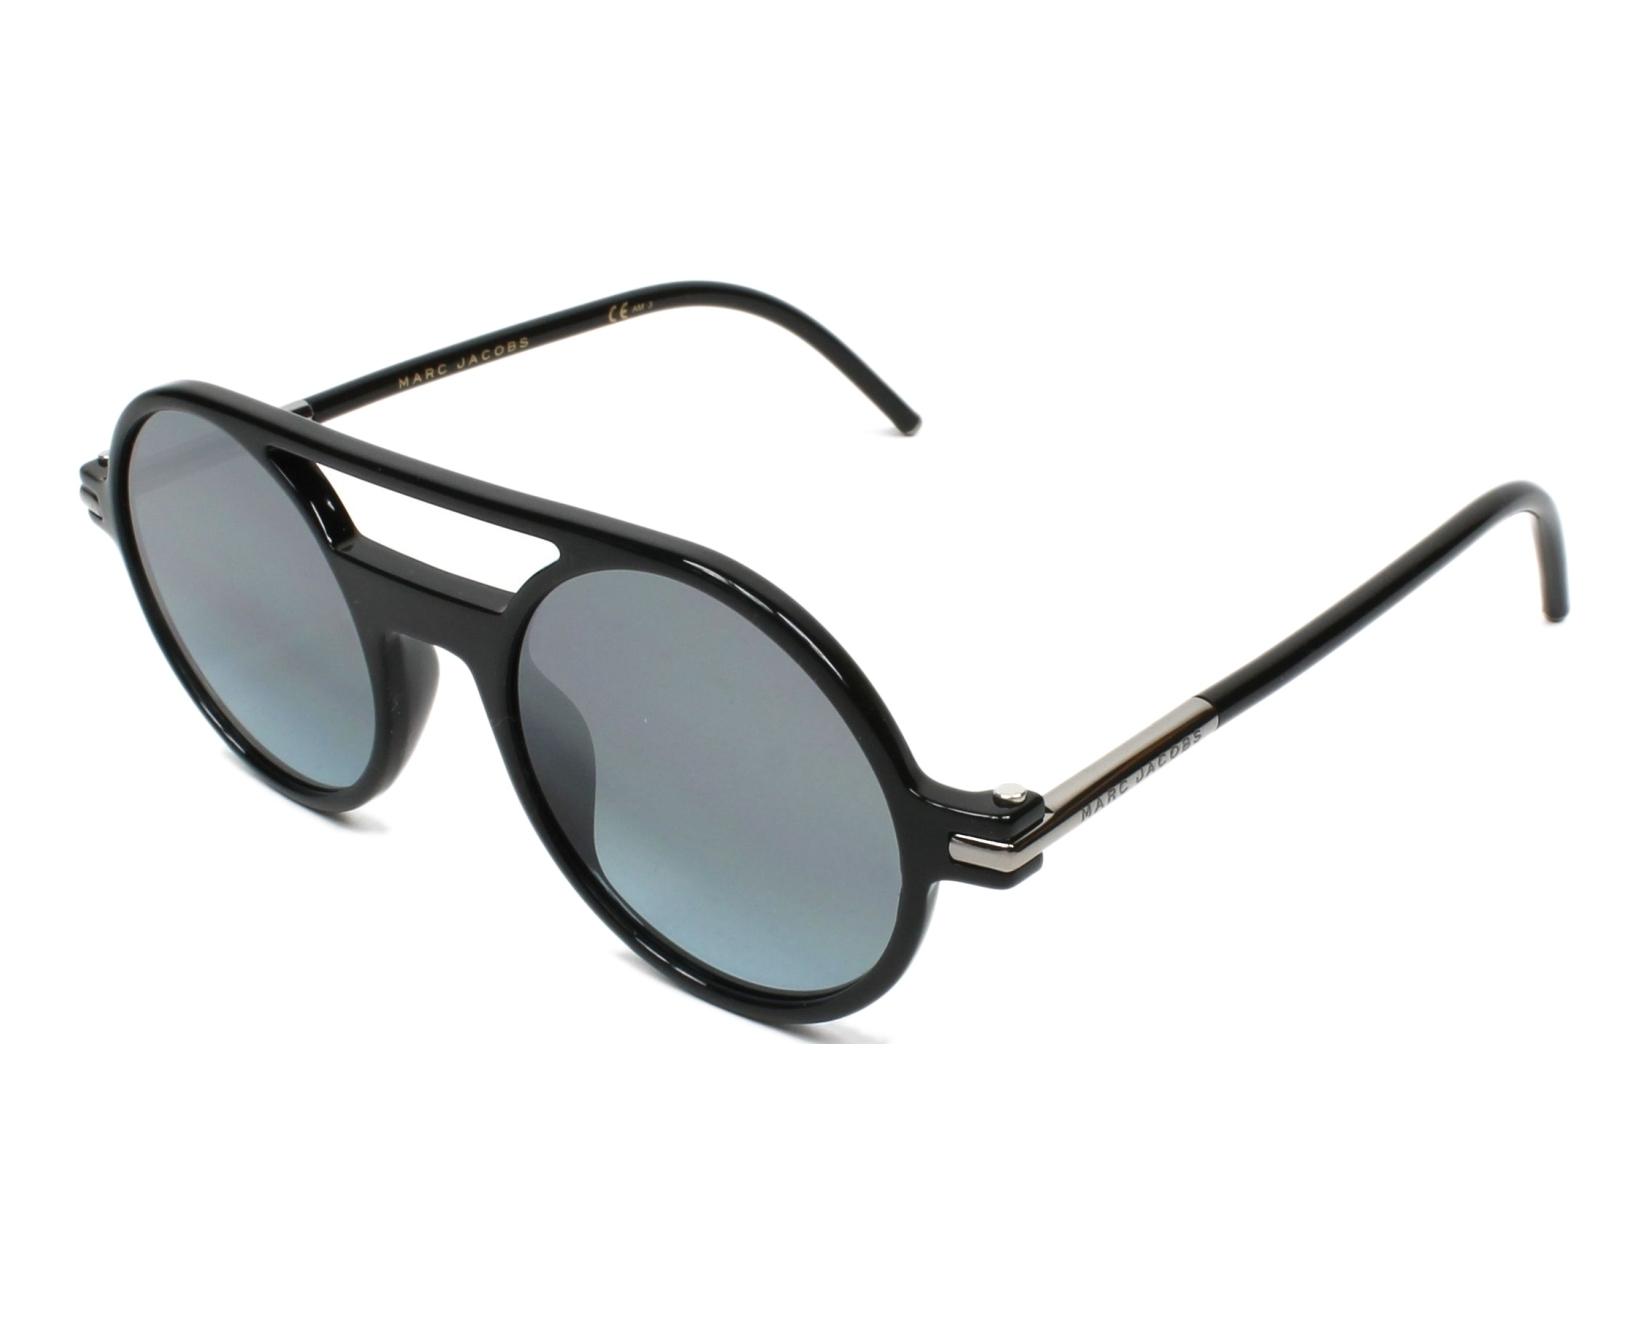 a3c45c5512 Sunglasses Marc Jacobs MARC-45-S D28 I8 48-21 Black profile